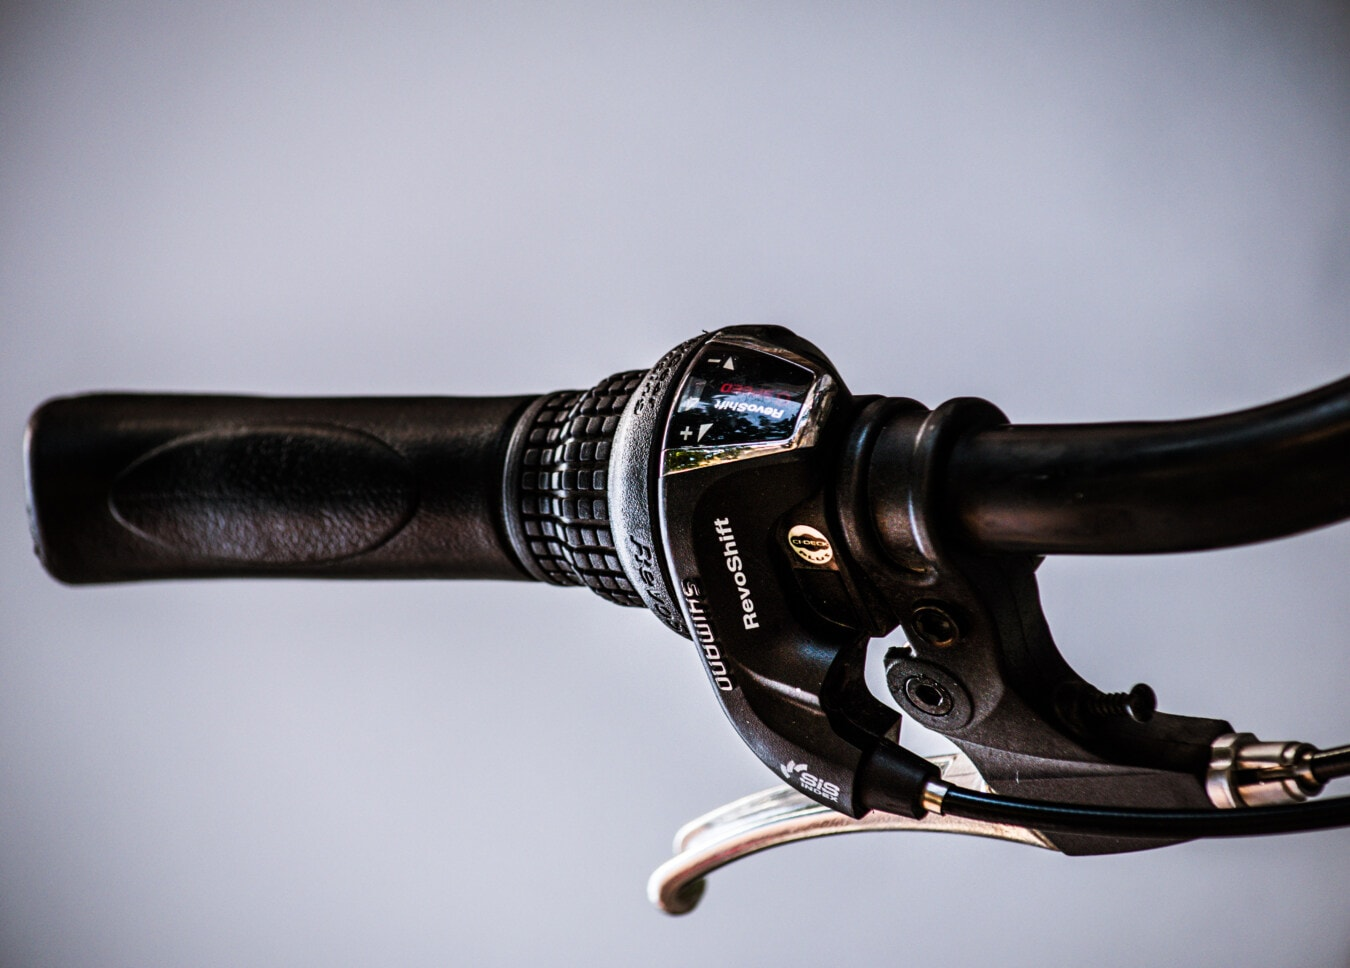 Changement de vitesse, vélo de montagne, frein, volant de direction, vélo, unité, vélo, roue, modèle, antique